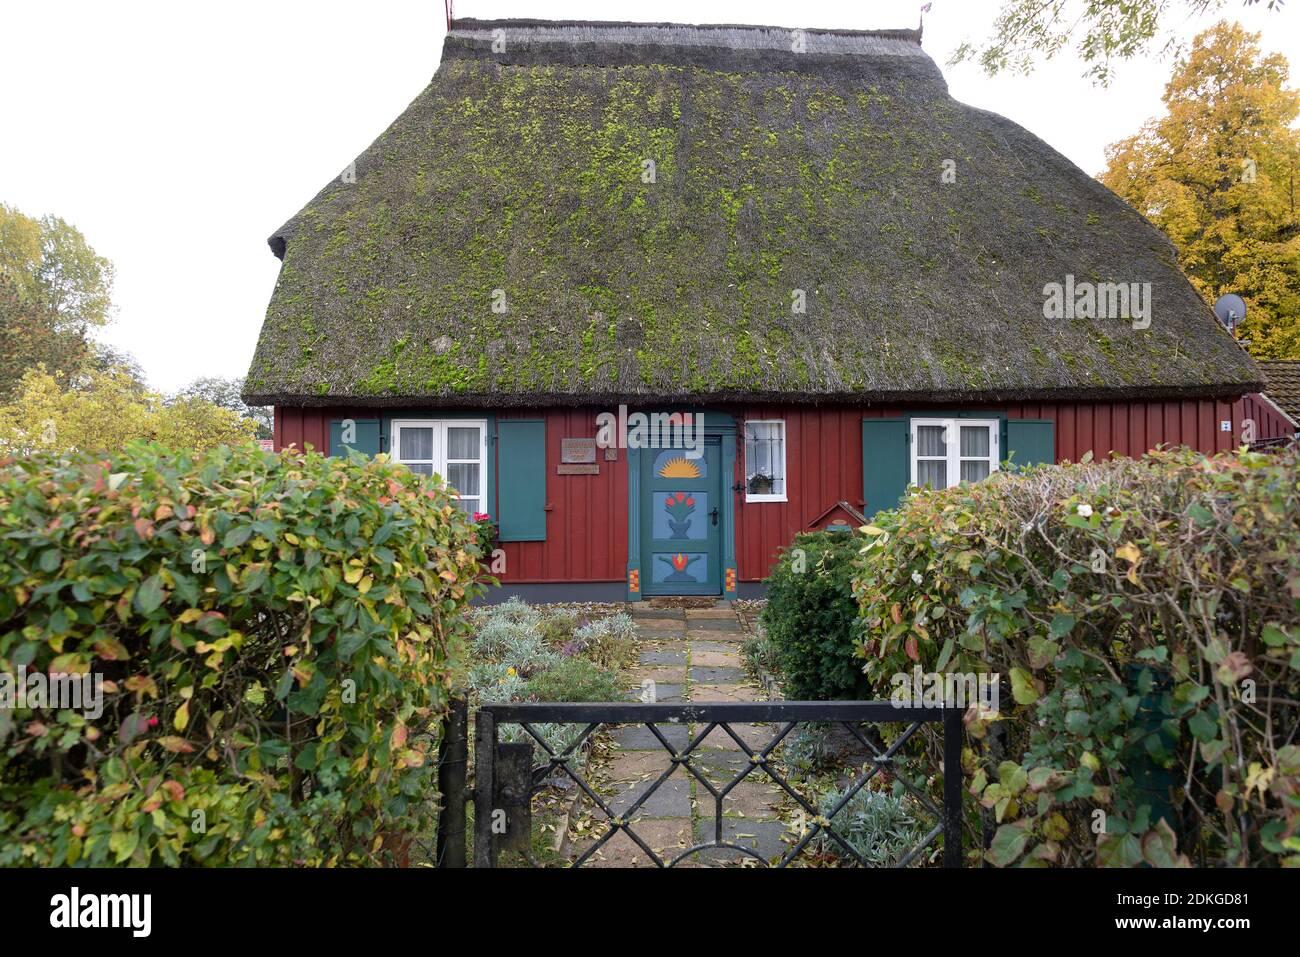 Alemania, Mecklemburgo-Pomerania Occidental, Prerow, Eschenhaus, antigua casa del pintor y artista gráfico Theodor Schultze-Jasmer (7 de julio de 1888 - 30 de octubre de 1975). Foto de stock